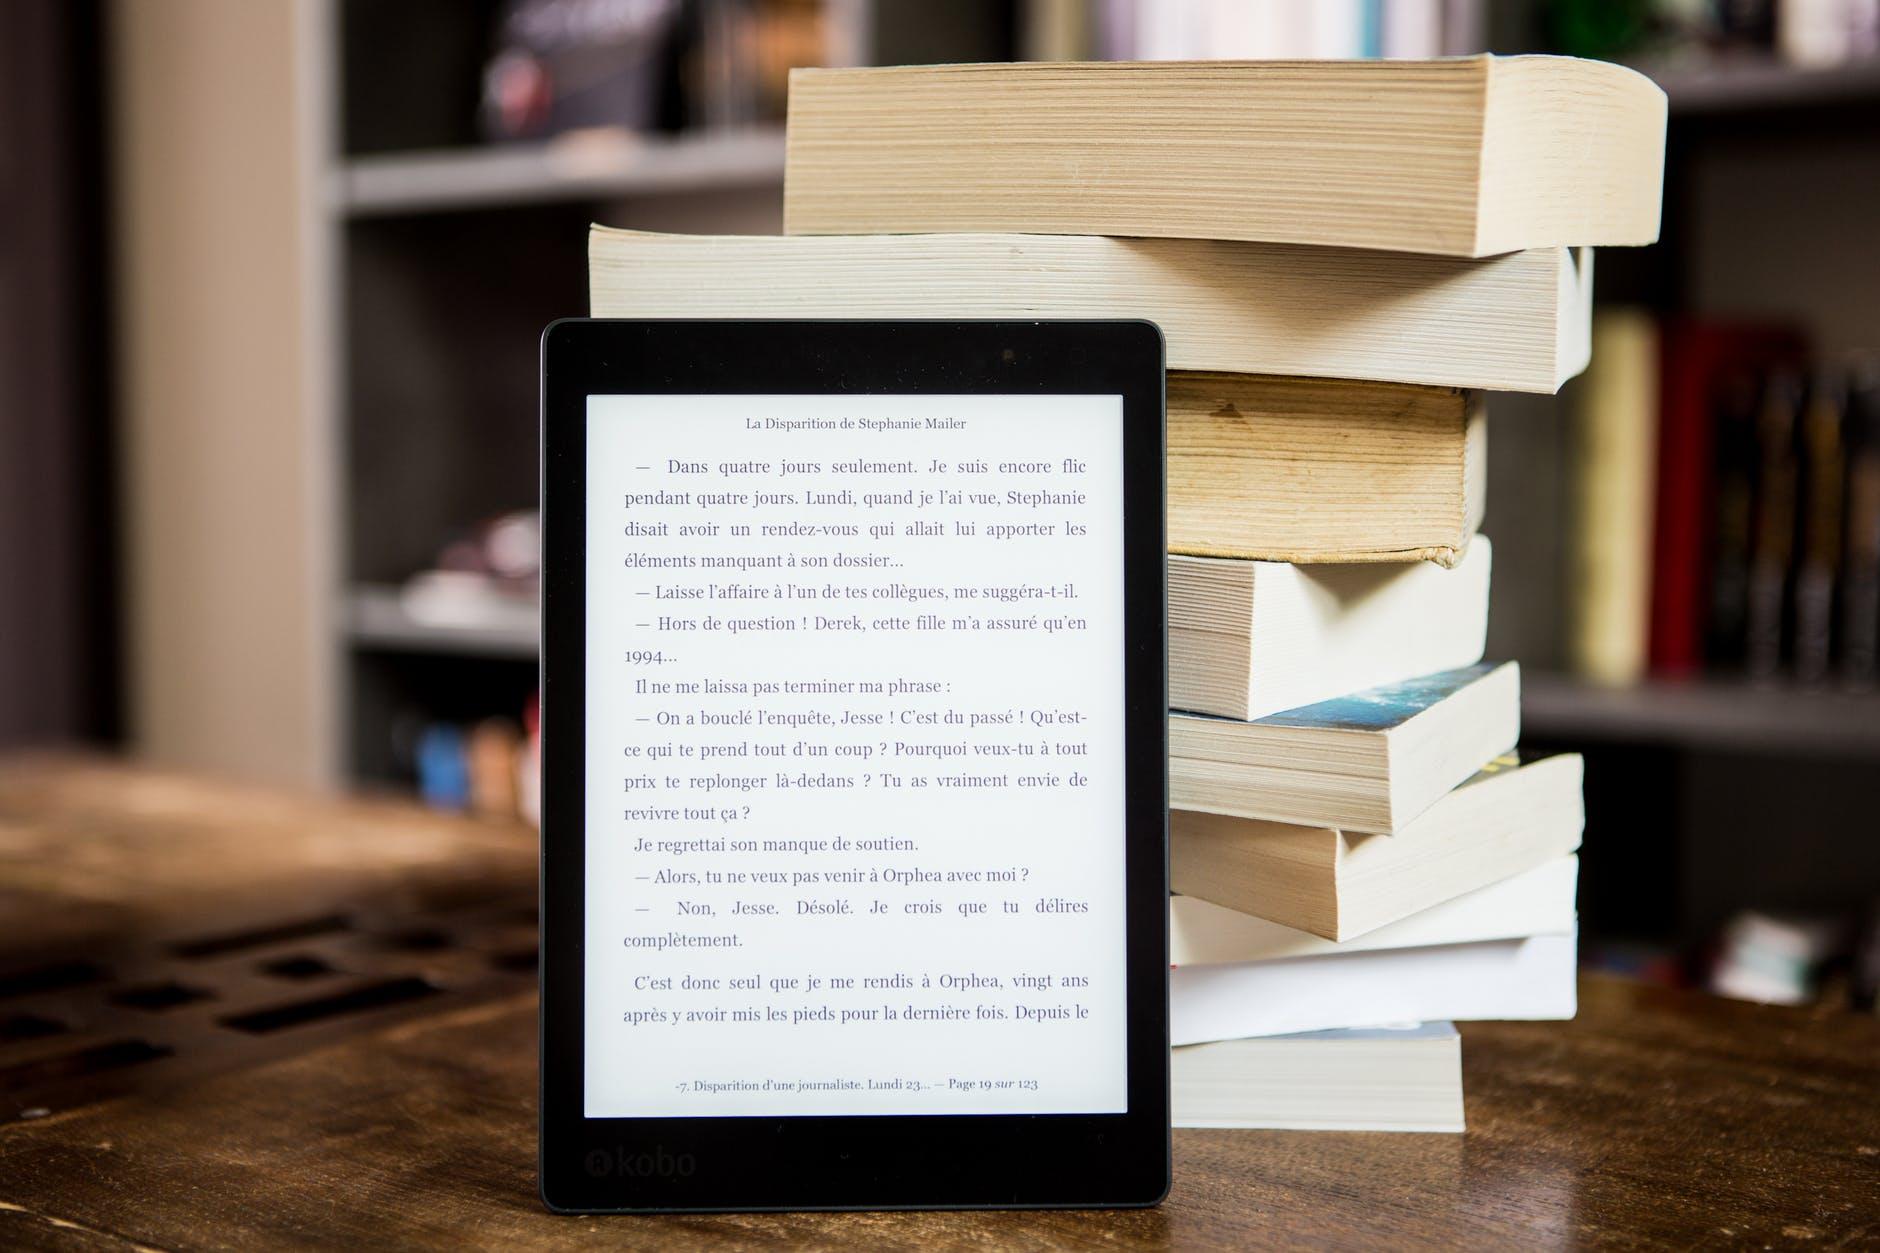 5 Reasons to Love E-Books, blog post by Aspasia S. Bissas, aspasiasbissas.com